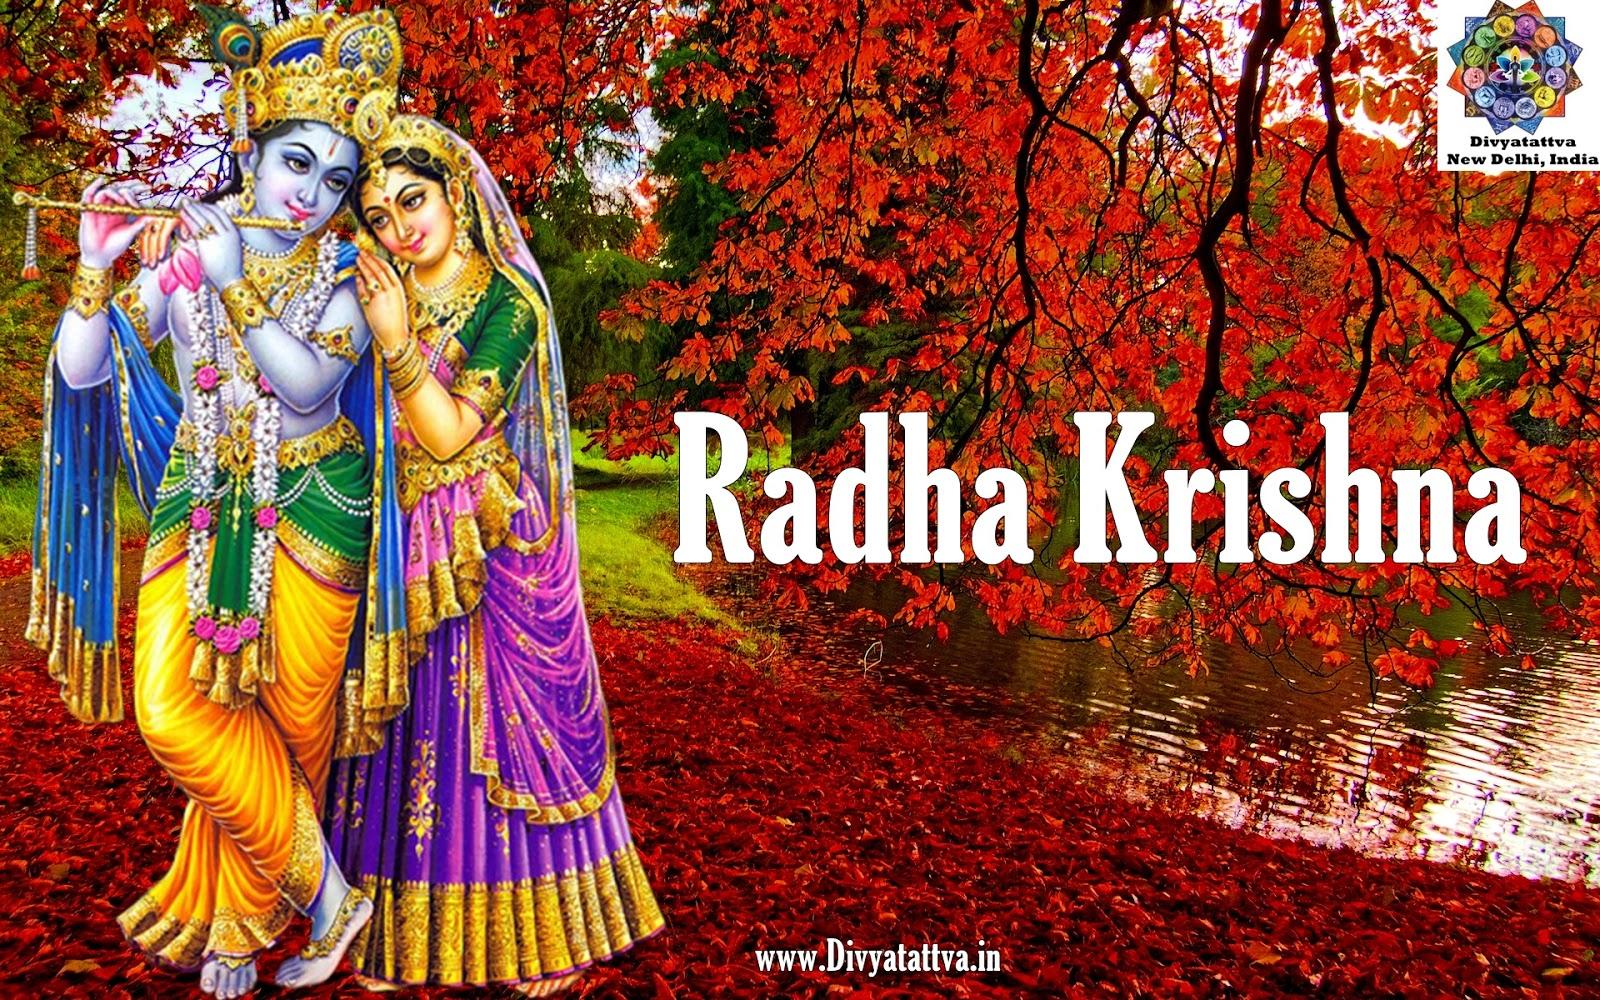 radha krishna hd wallpaper desktop ipad smartphone full size hindu gods rohit anand www.divyatattva.in